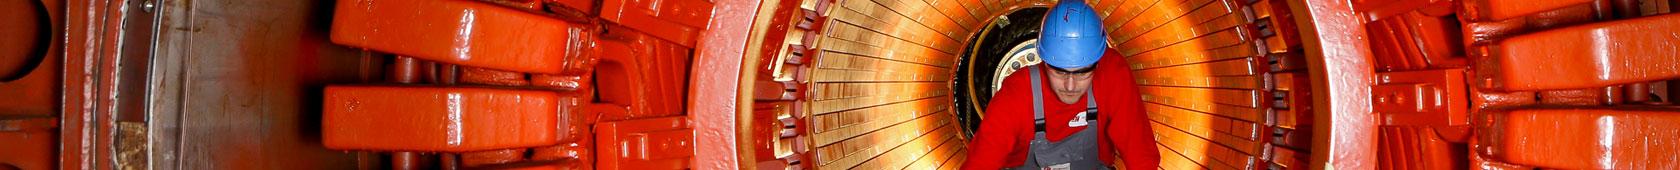 groupe altawest  u2013 energie  u0026 environnement